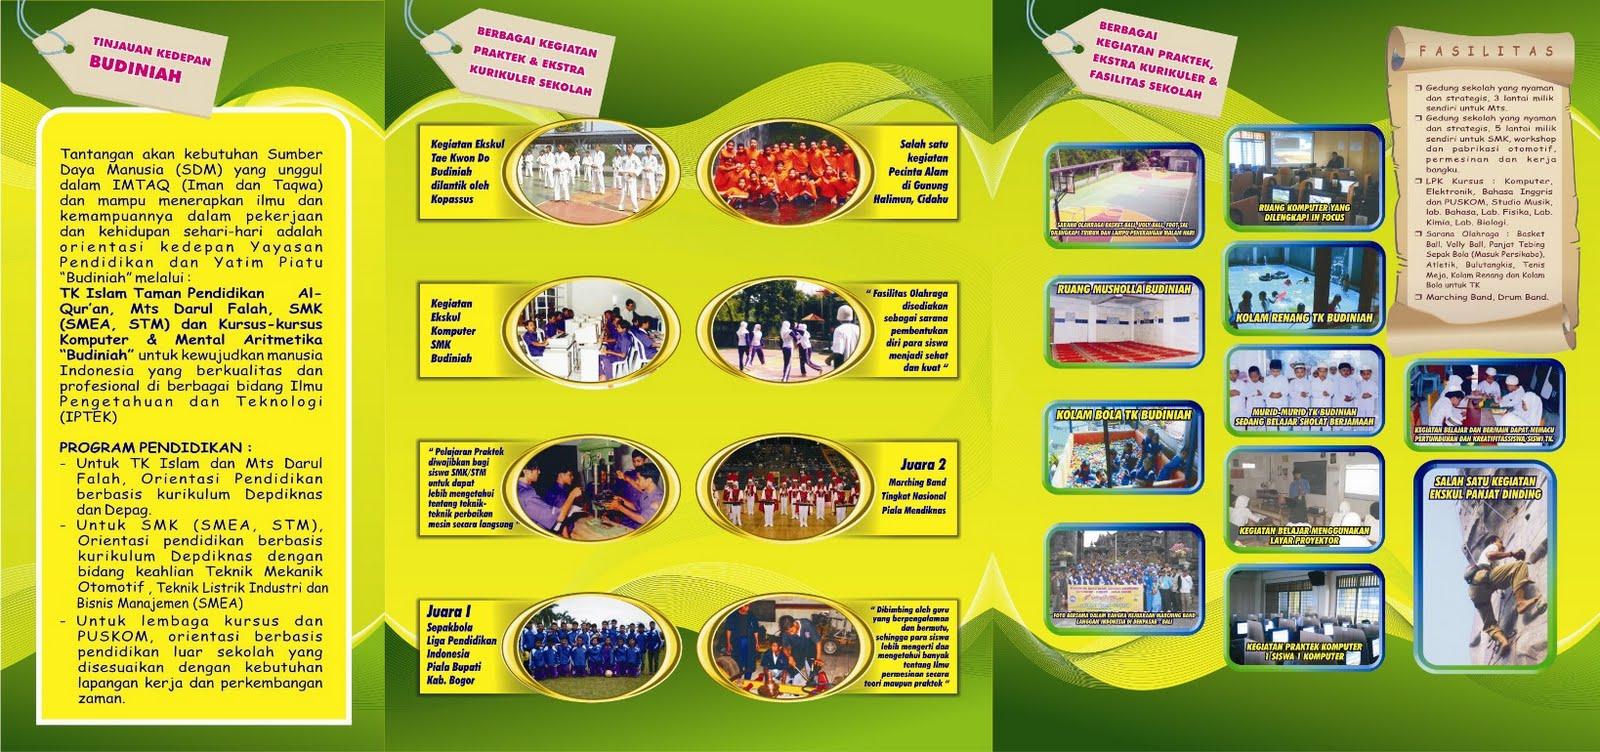 contoh-contoh brosur sekolah sekolah mts bagus